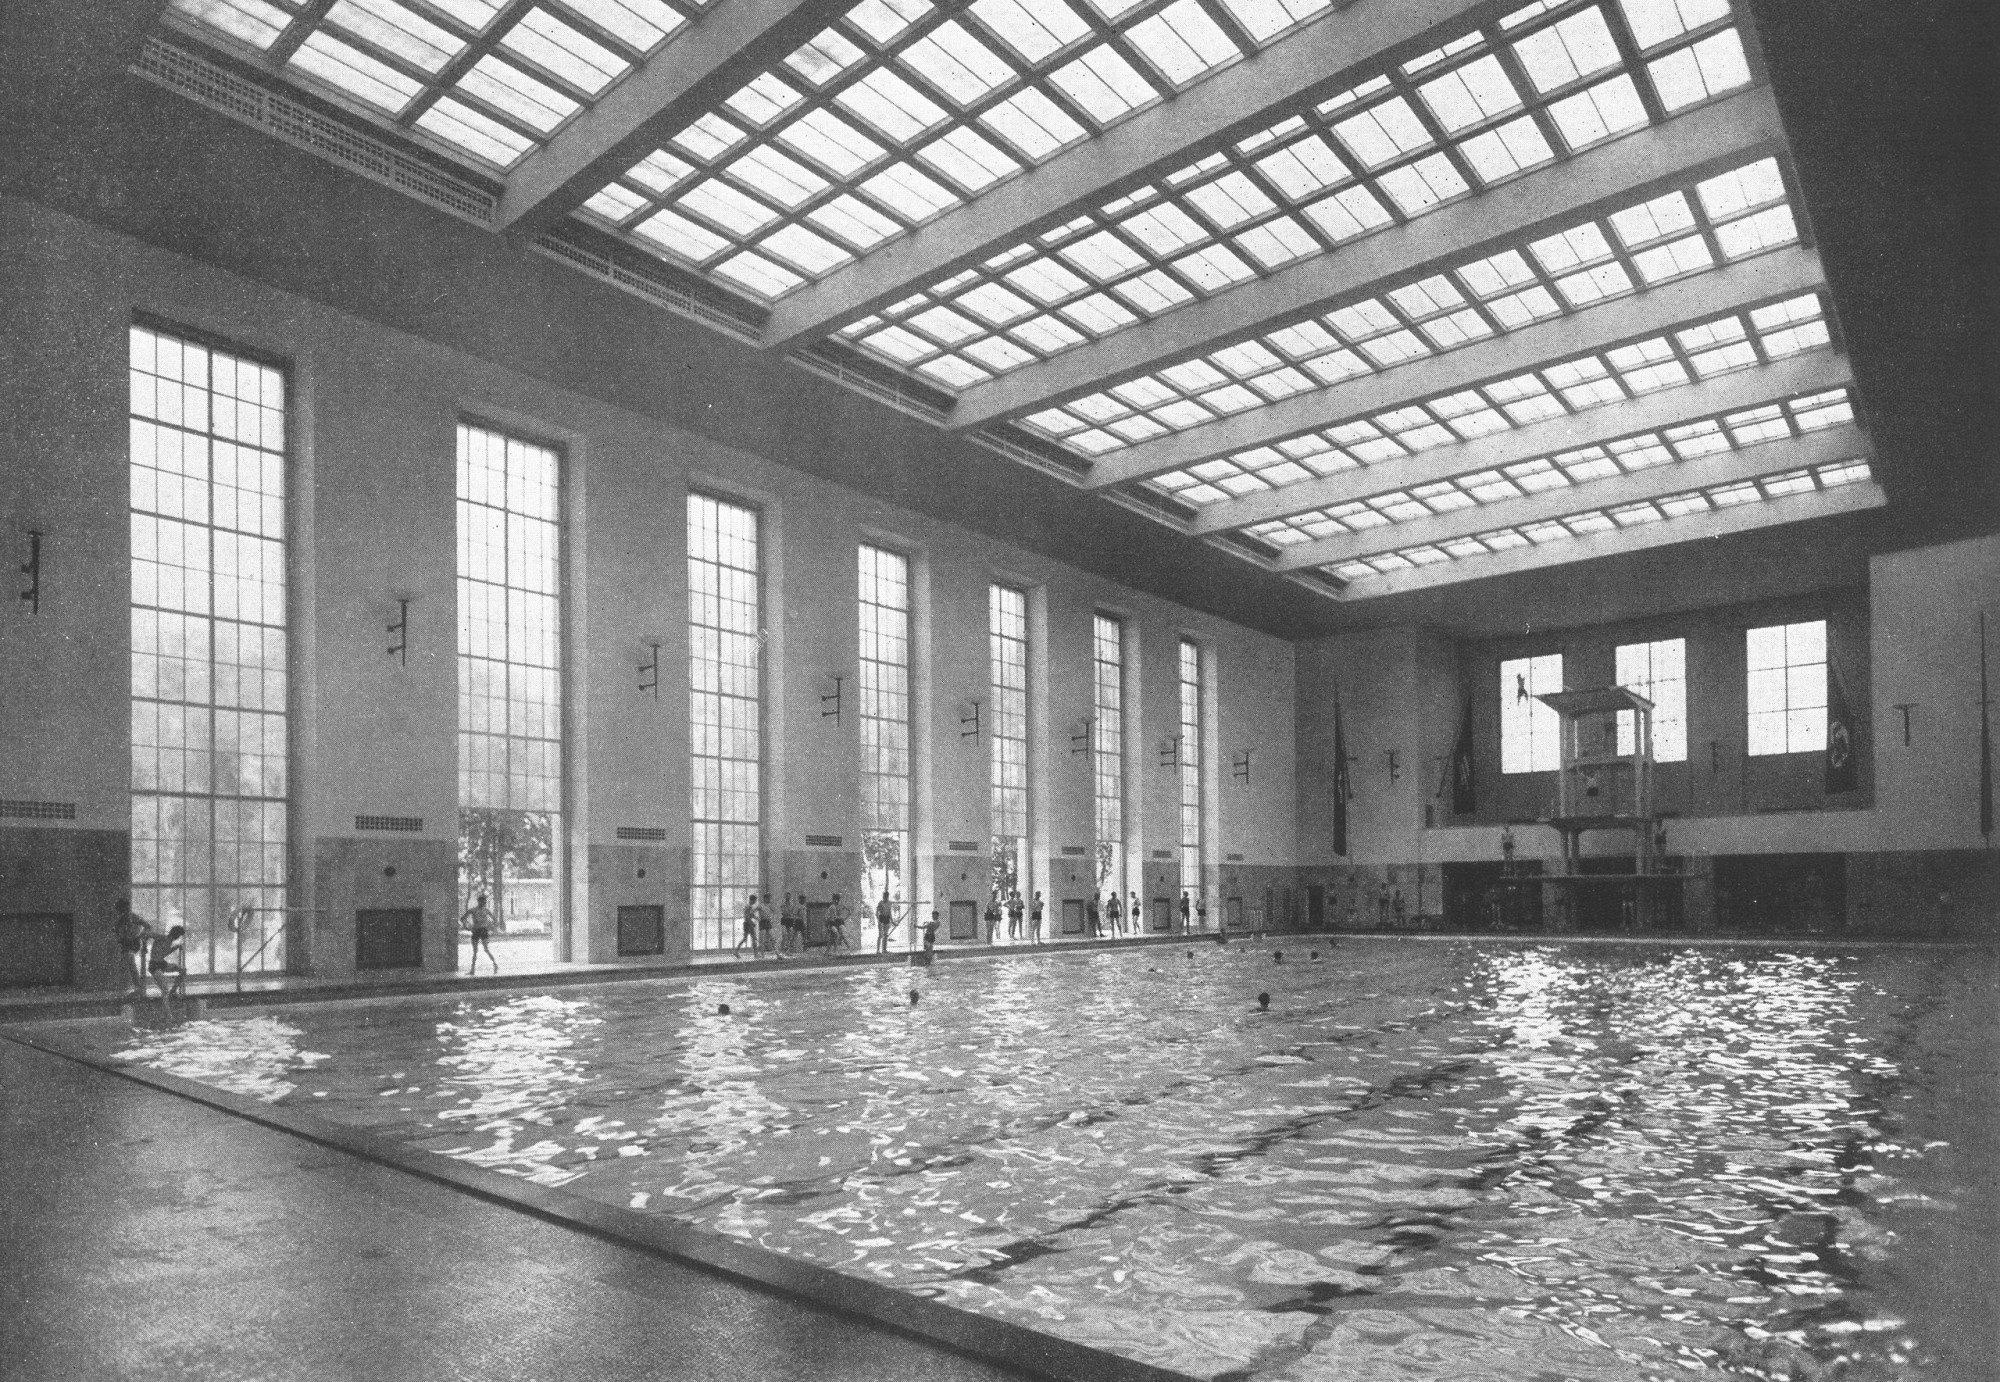 Schwimmhalle finckensteinallee in berlin fliesen und - Schwimmbad architektur ...